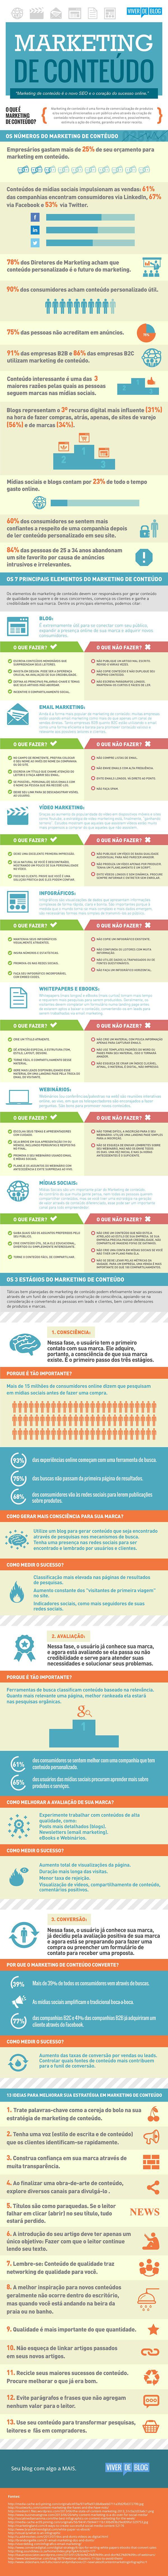 Marketing de Conteúdo | Infográfico completo e didático